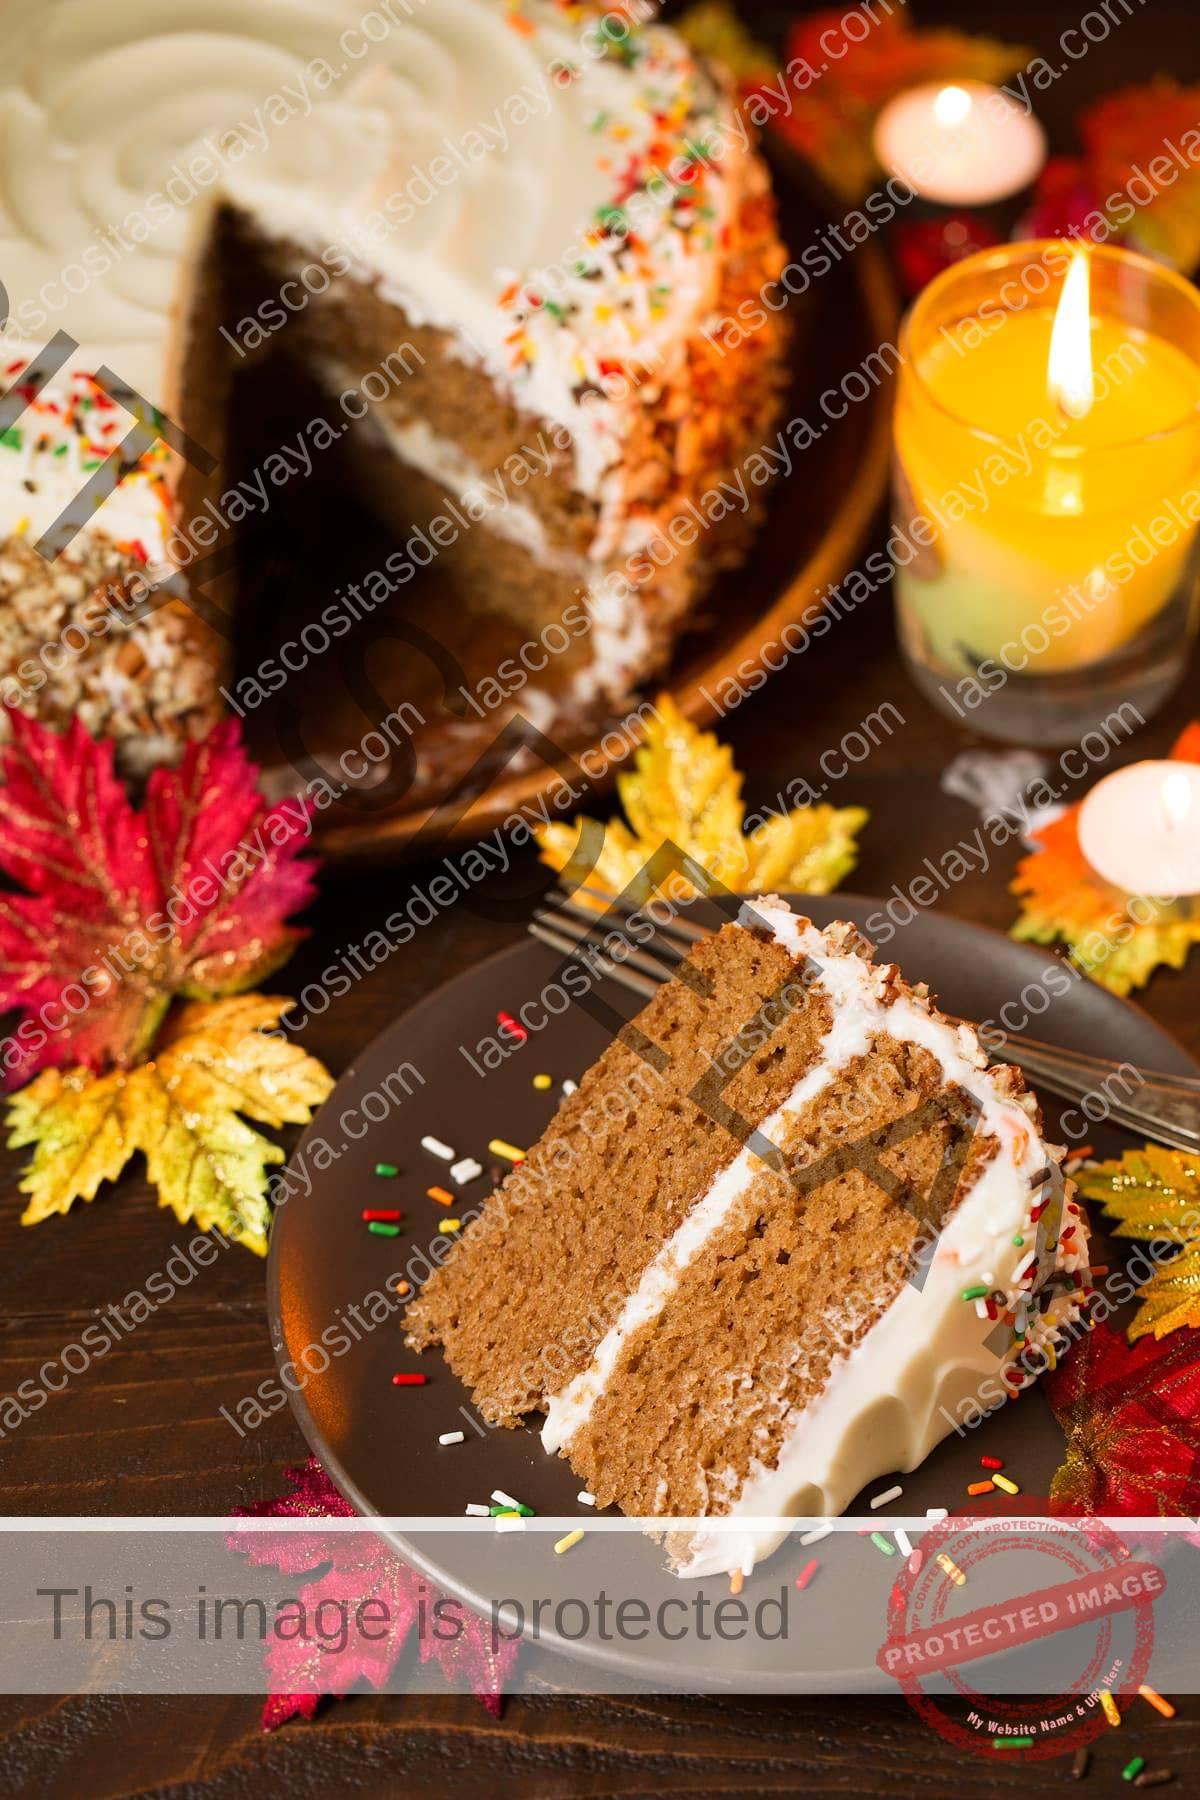 Una rebanada de bizcocho de especias en un solo plato y un bizcocho de especias entero de fondo.  Las decoraciones de la imagen incluyen hojas de otoño, una vela encendida y una superficie de madera.